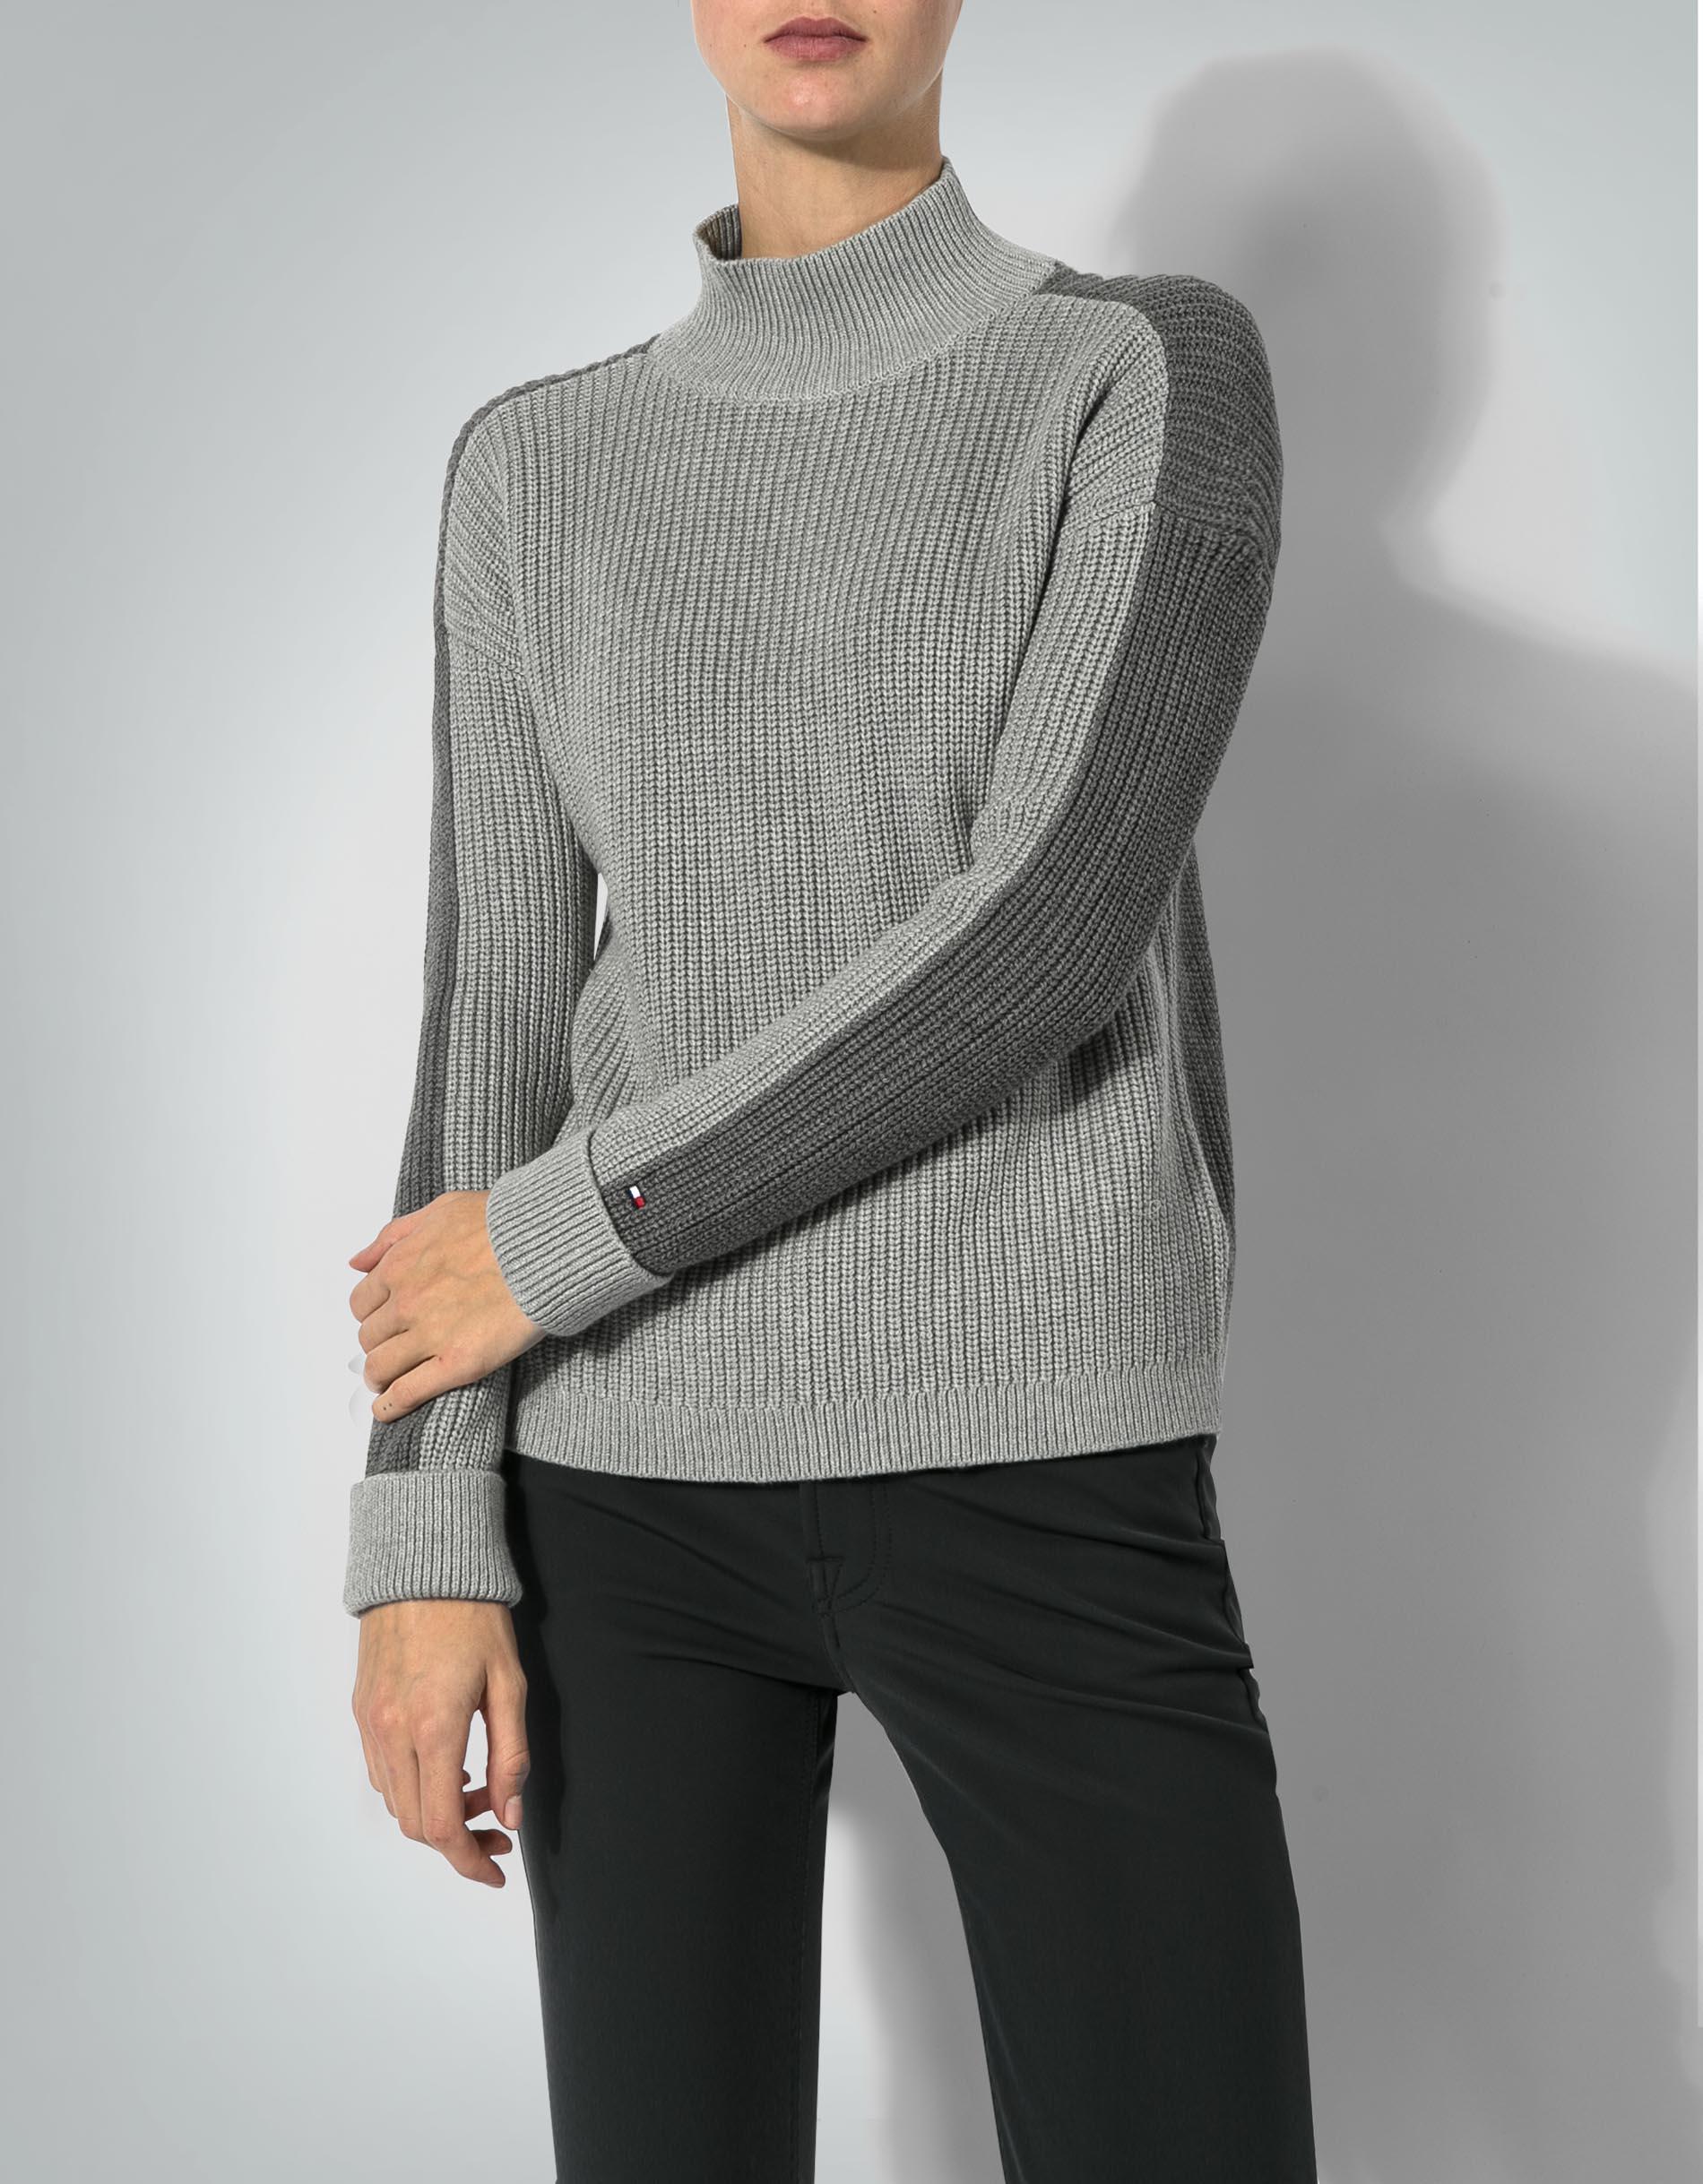 tommy hilfiger damen pullover im color blocking empfohlen. Black Bedroom Furniture Sets. Home Design Ideas